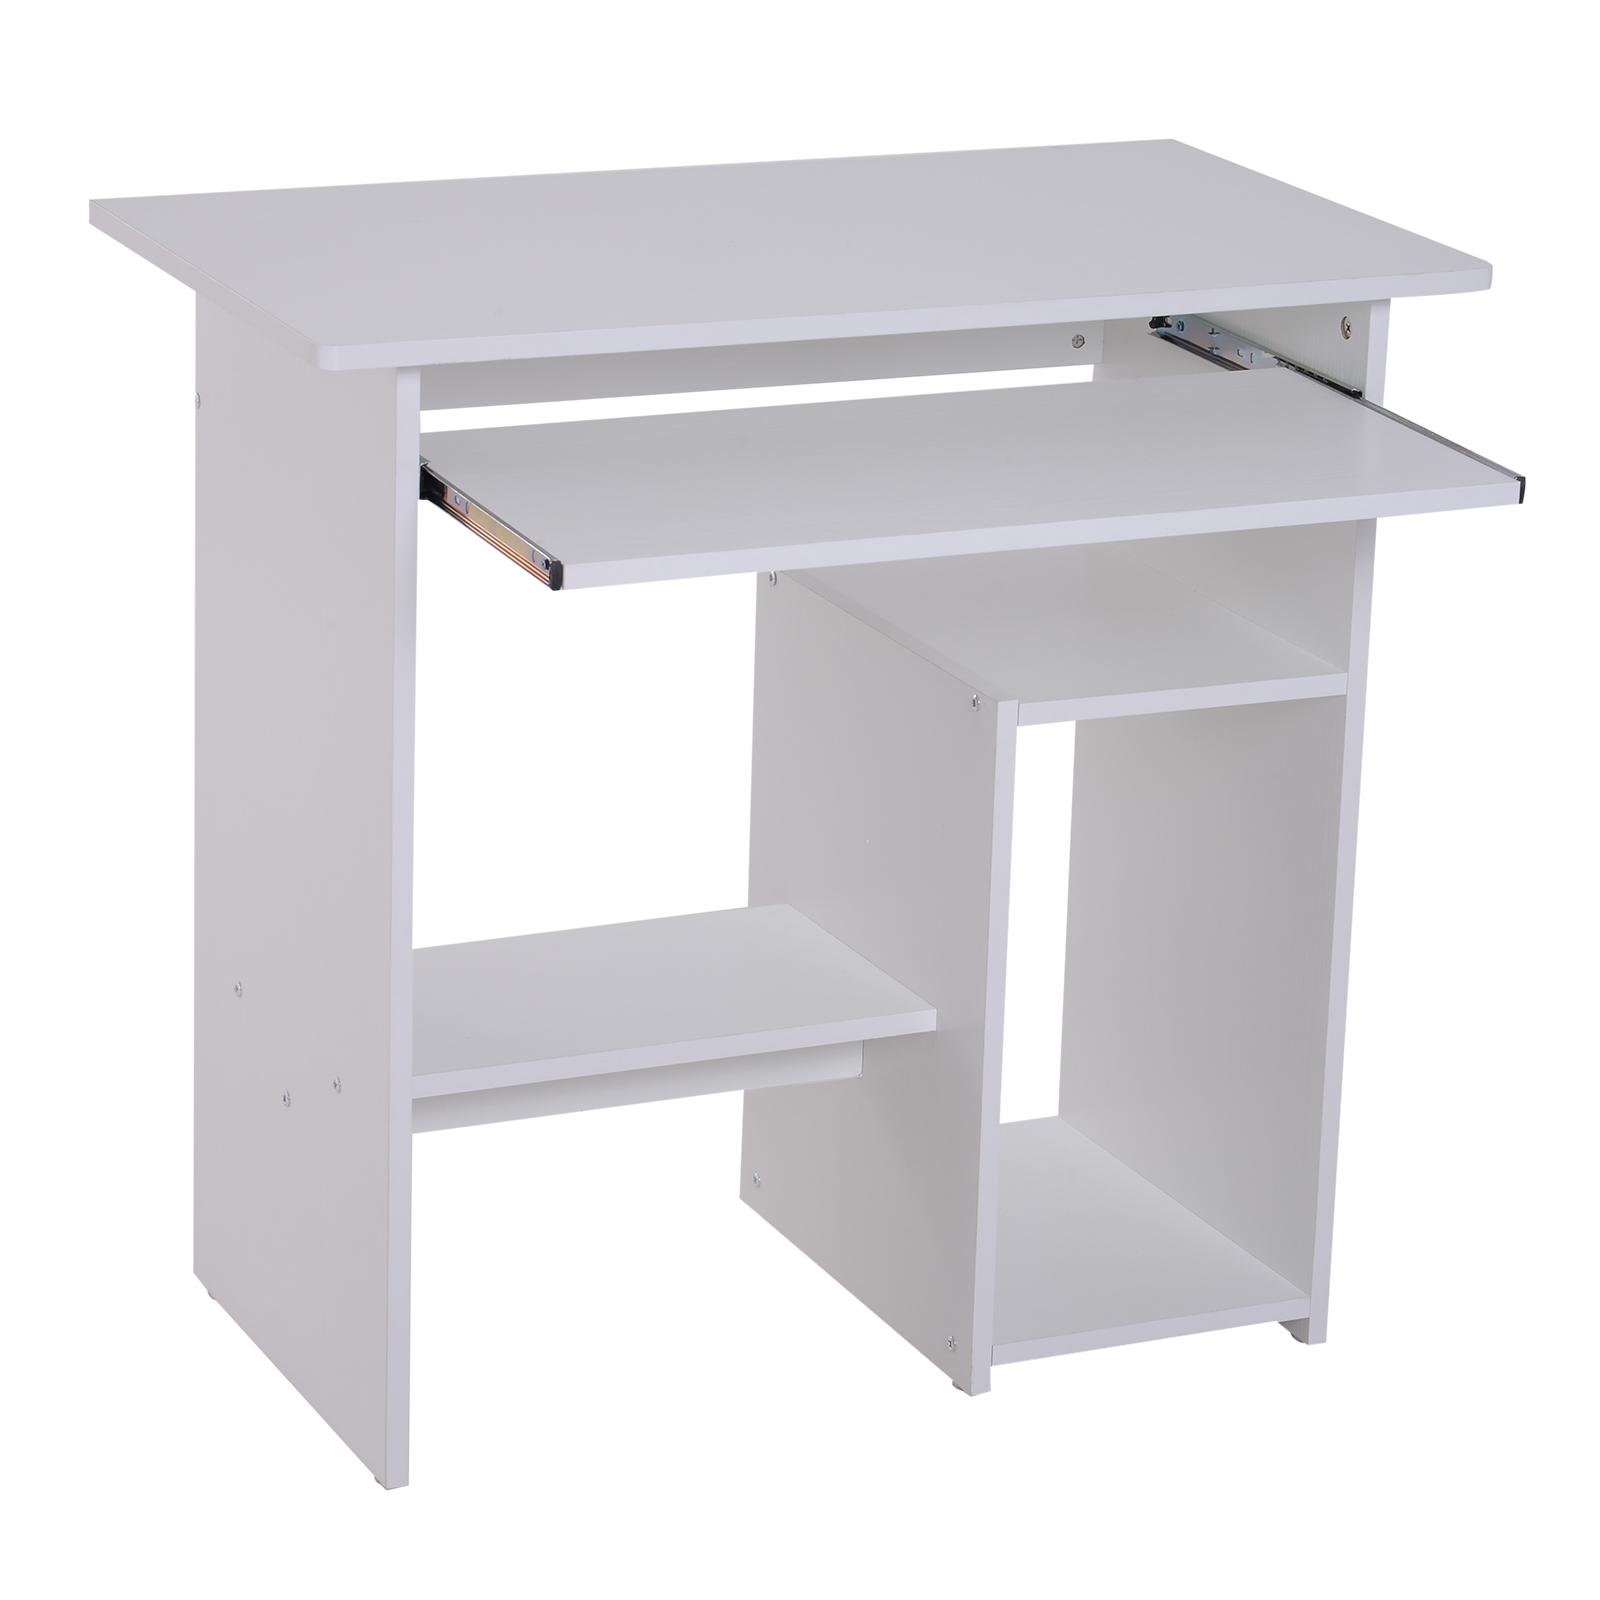 Indexbild 25 - HOMCOM Computertisch Schreibtisch Bürotisch Gamingtisch PC-Tisch Weiß/Schwarz